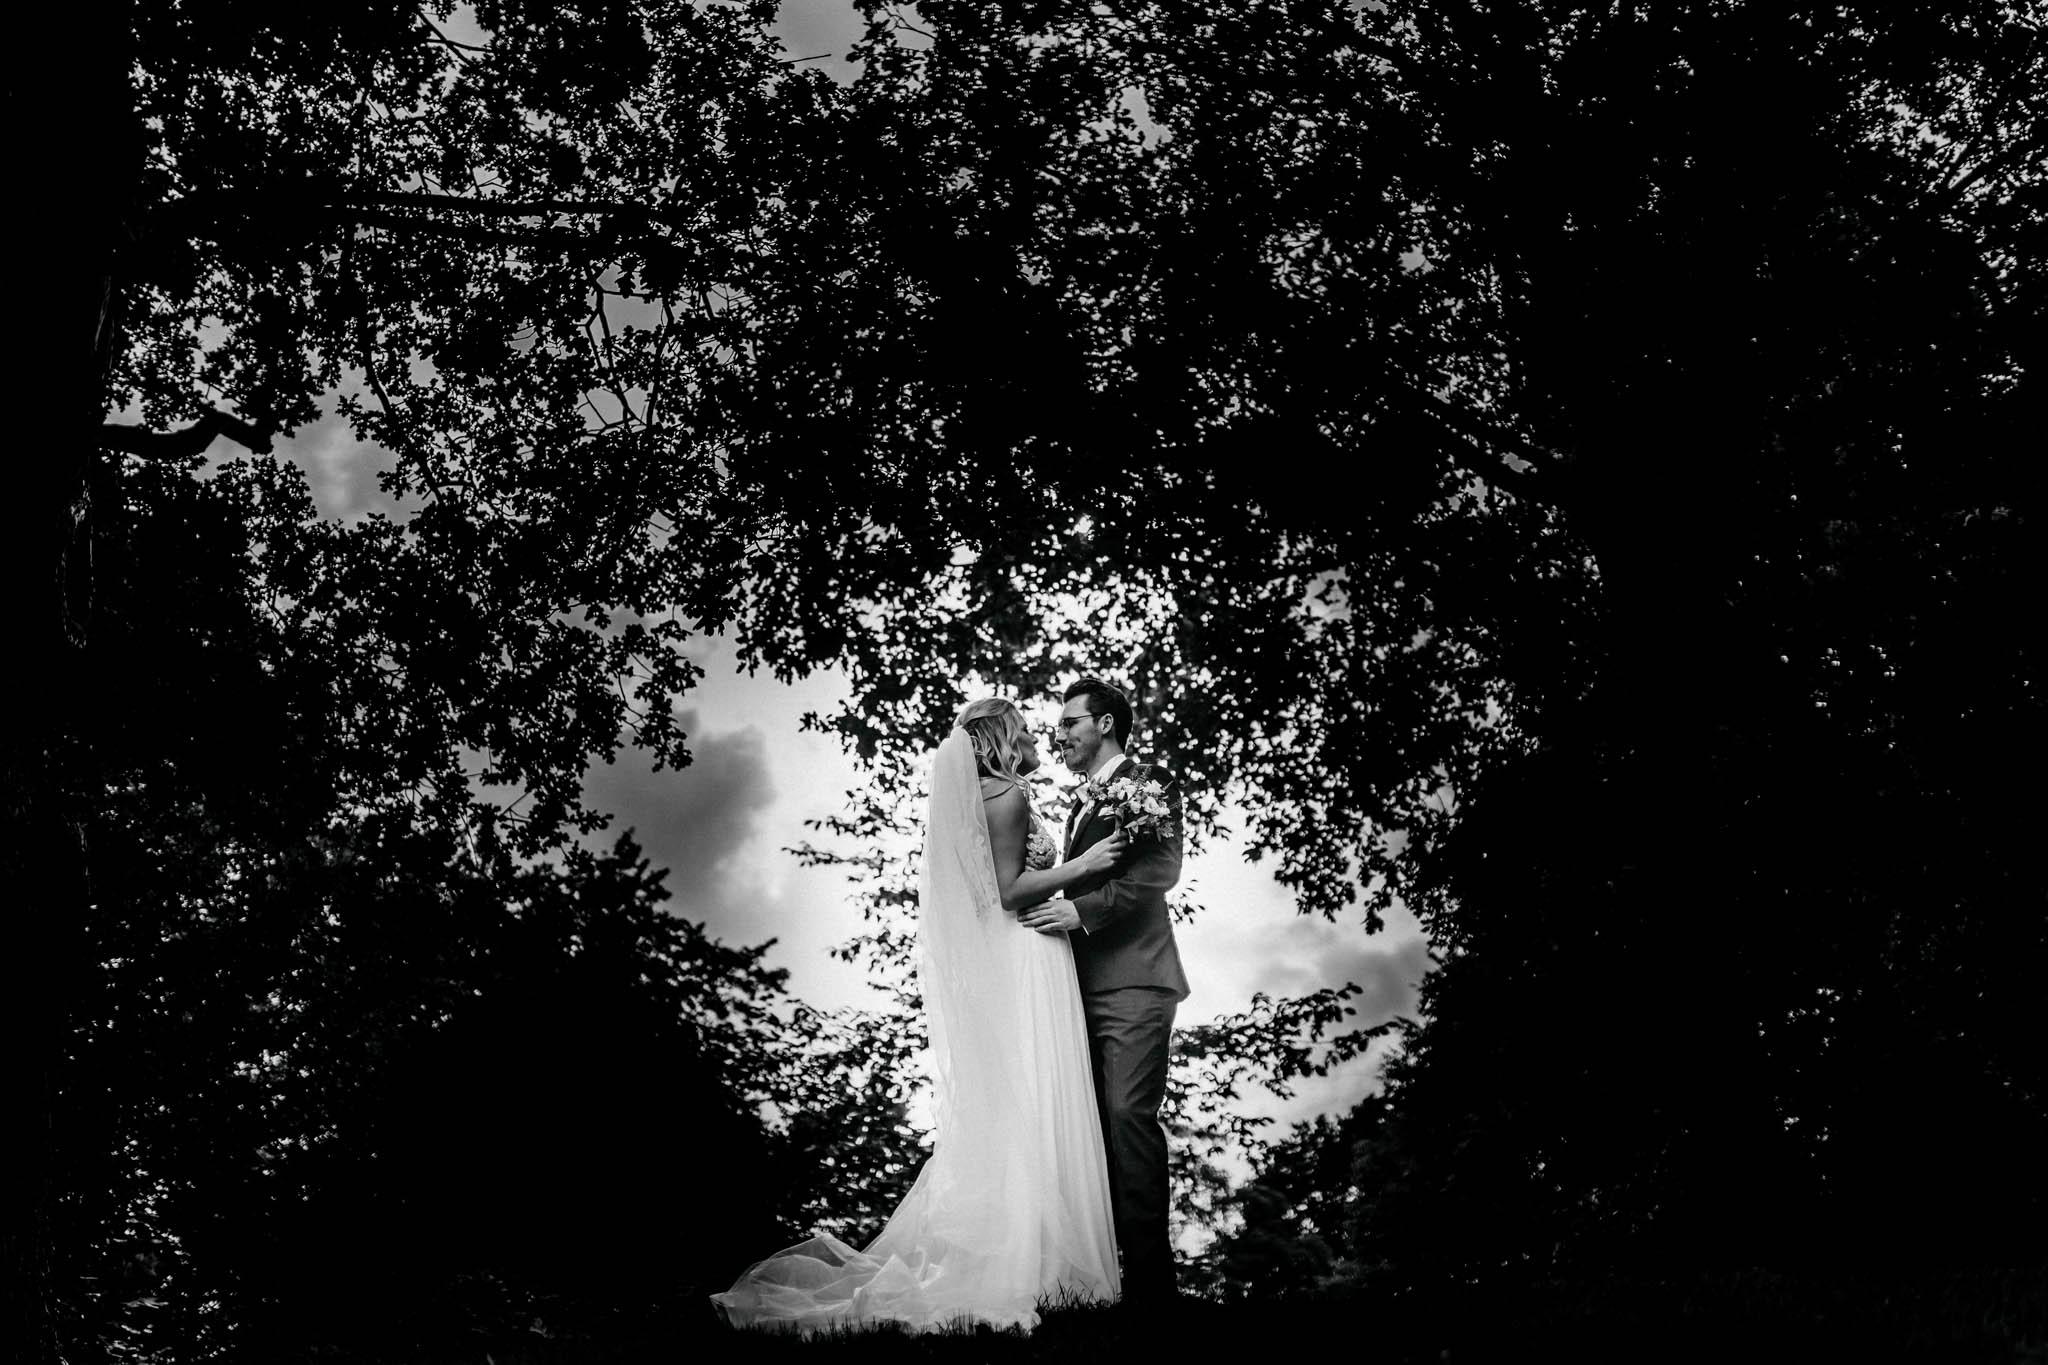 Hochzeitsfieber by Photo-Schomburg, Hochzeitsfotograf, Hamburg, Bremen, Hochzeitstag, Hochzeitspaar, Braut, Bräutigam, Bremen-Kränholm,Knoops Park-156